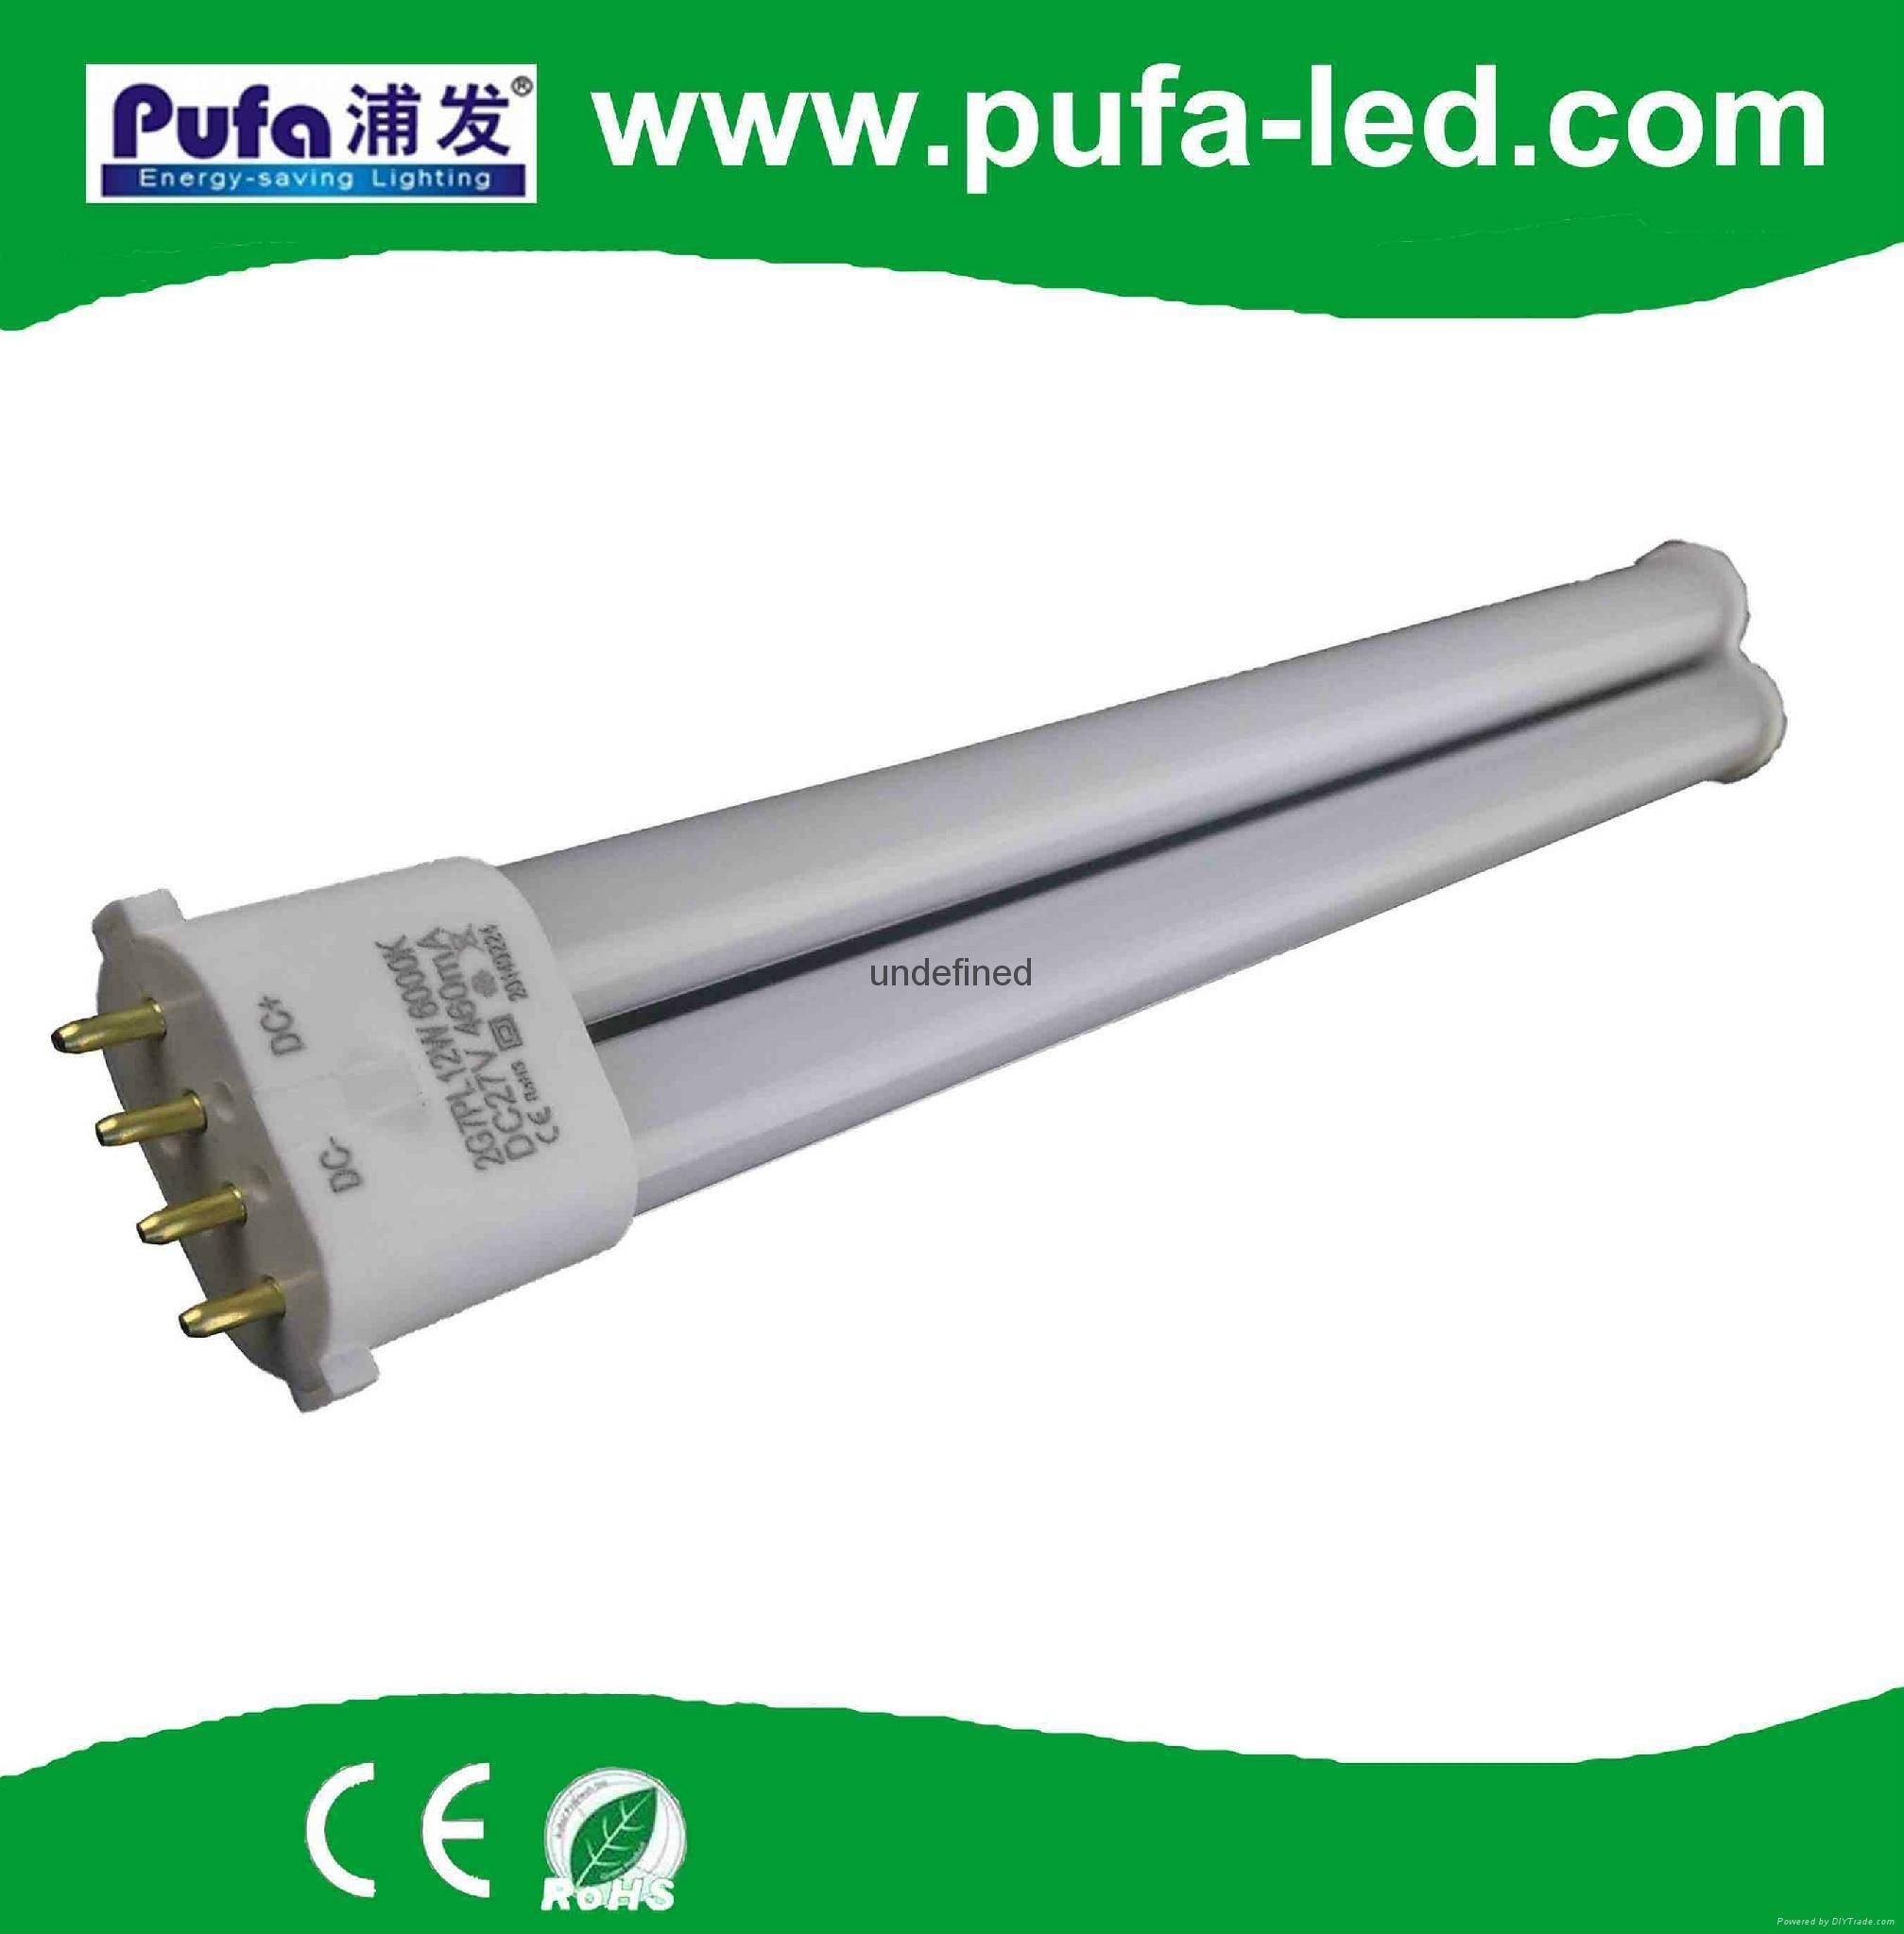 2G7 LED 横插灯 5W 外置电源 1